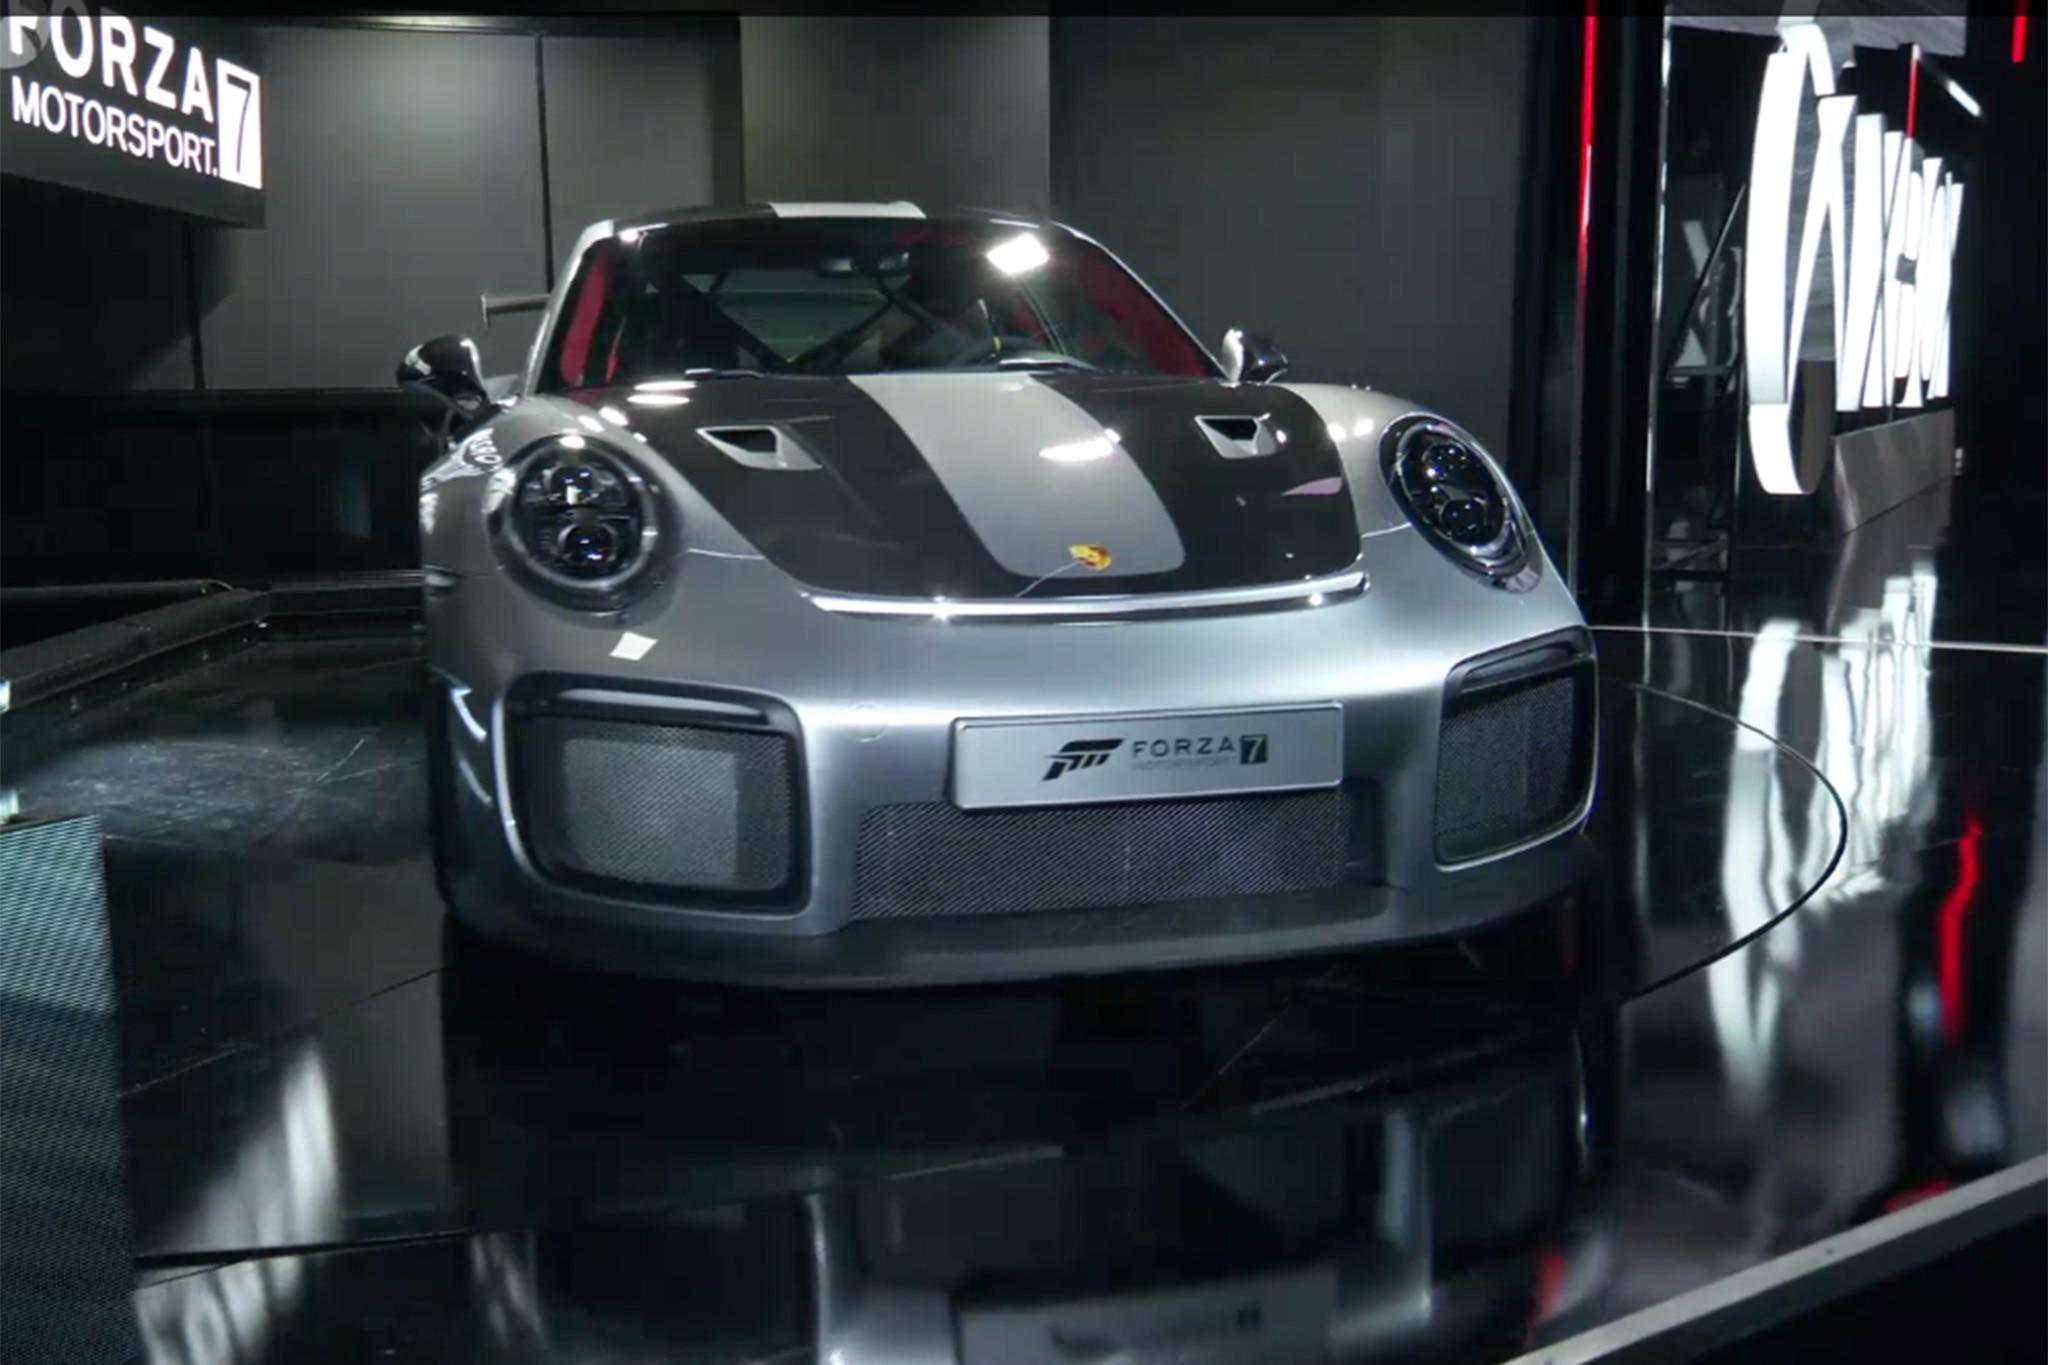 2018-Porsche-911-GT2-RS-E3-Front Wonderful Porsche 911 Gt2 Wheel for Sale Cars Trend